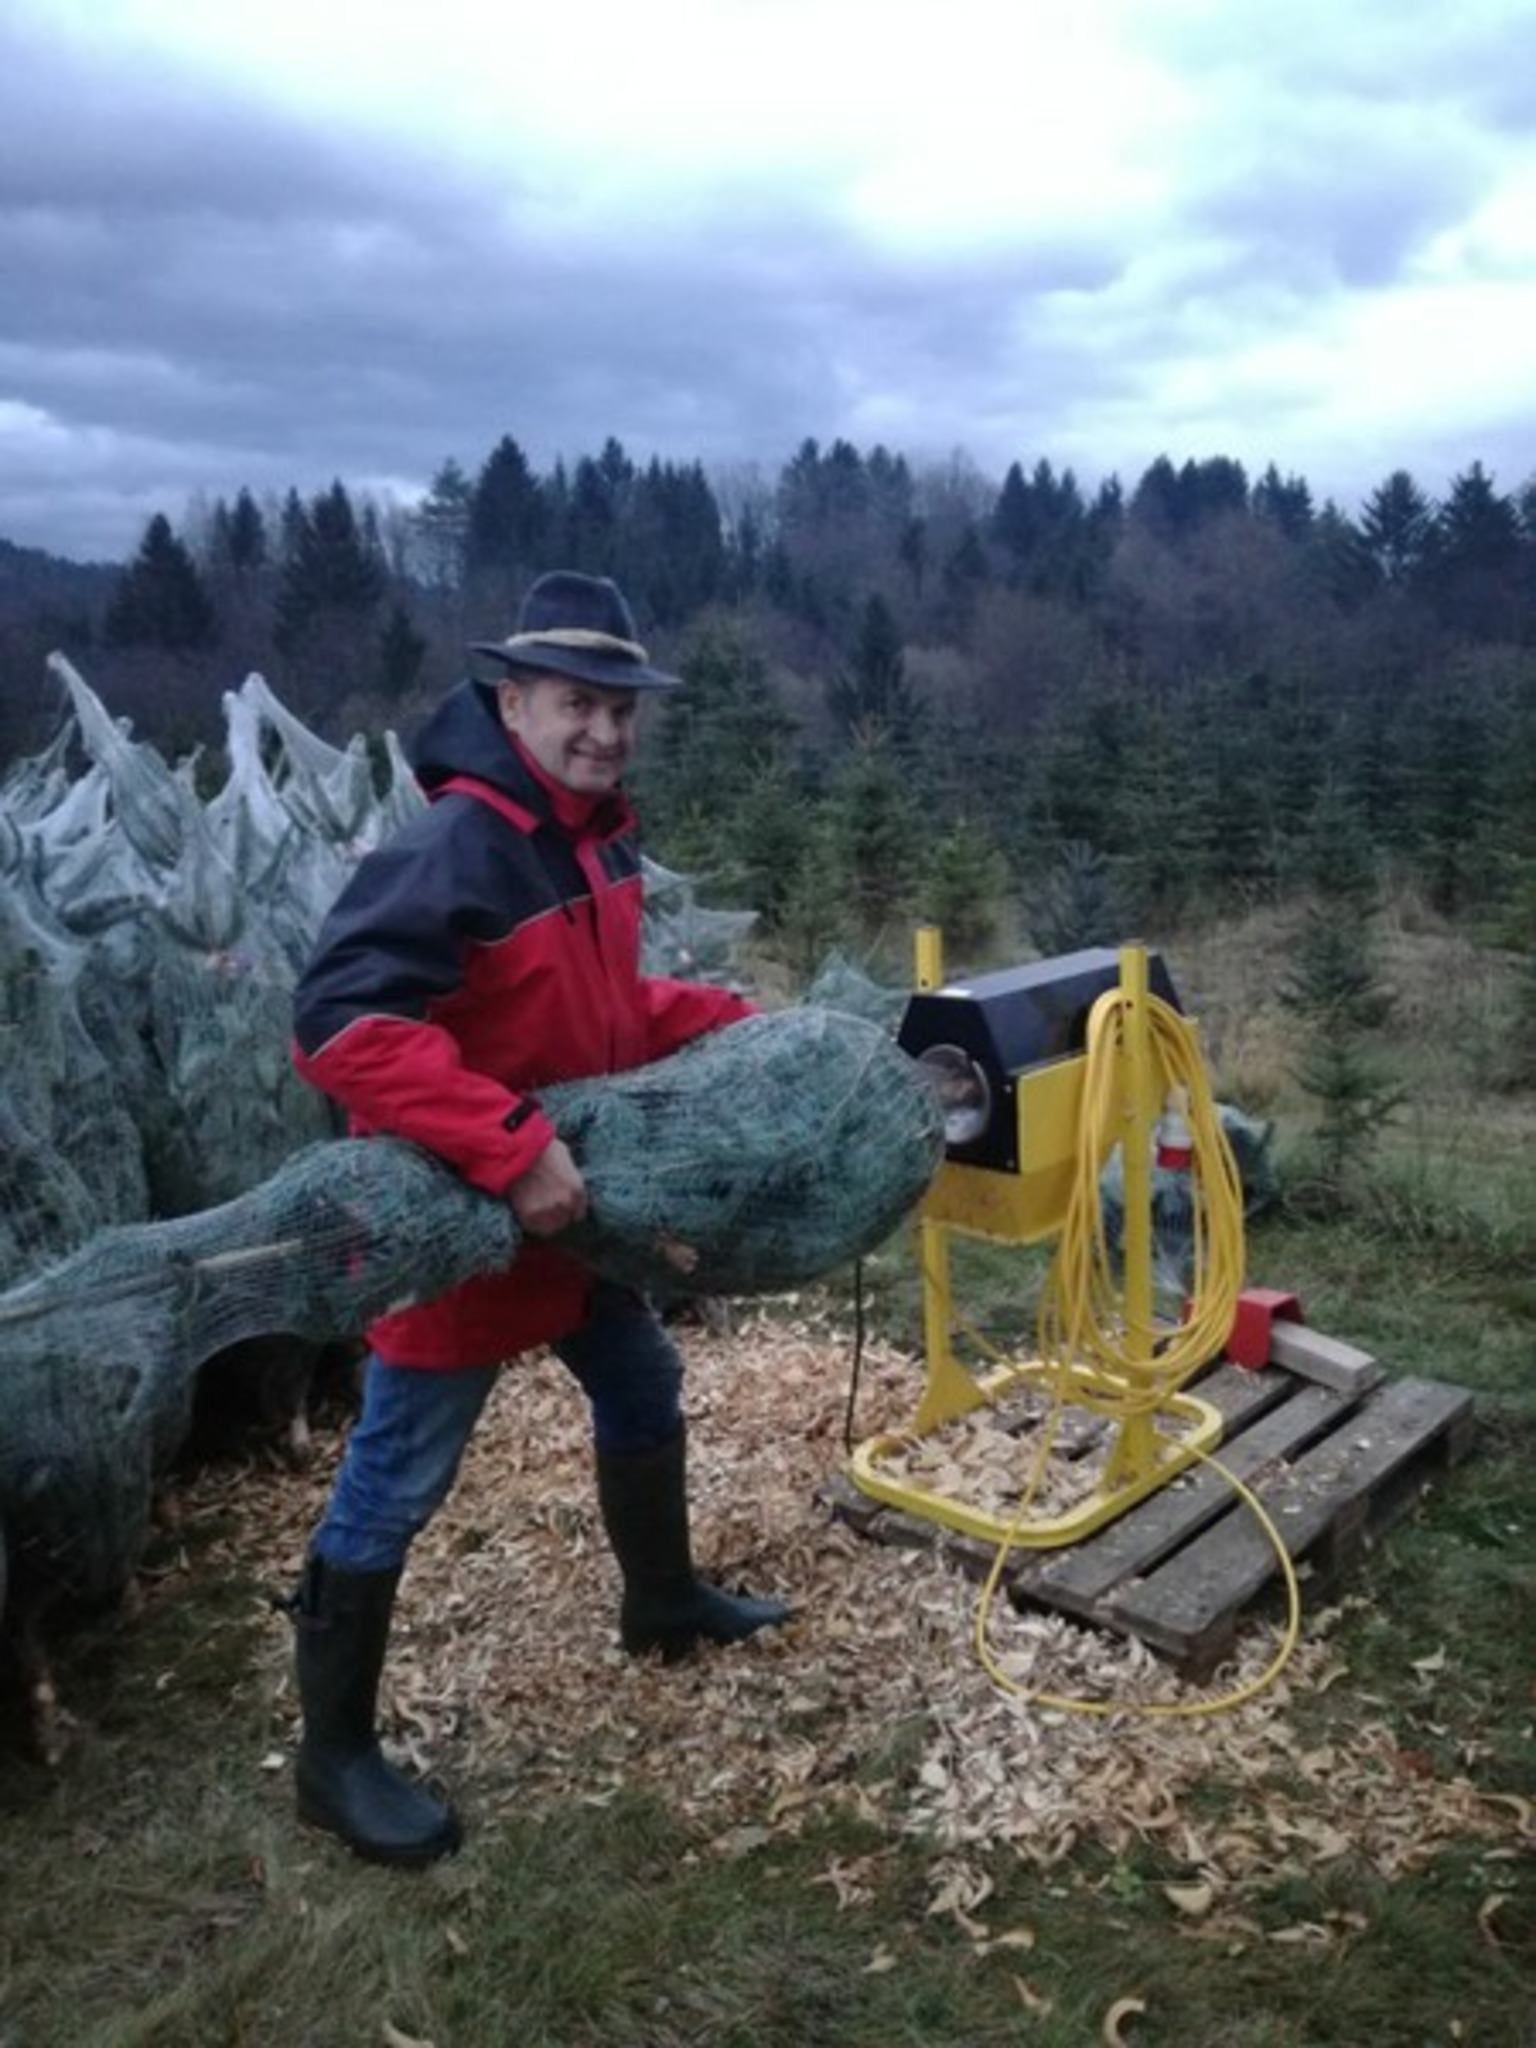 Lisas Erster Weihnachtsbaum.Nun Starten Die Christbaum Verkäufe Klagenfurt